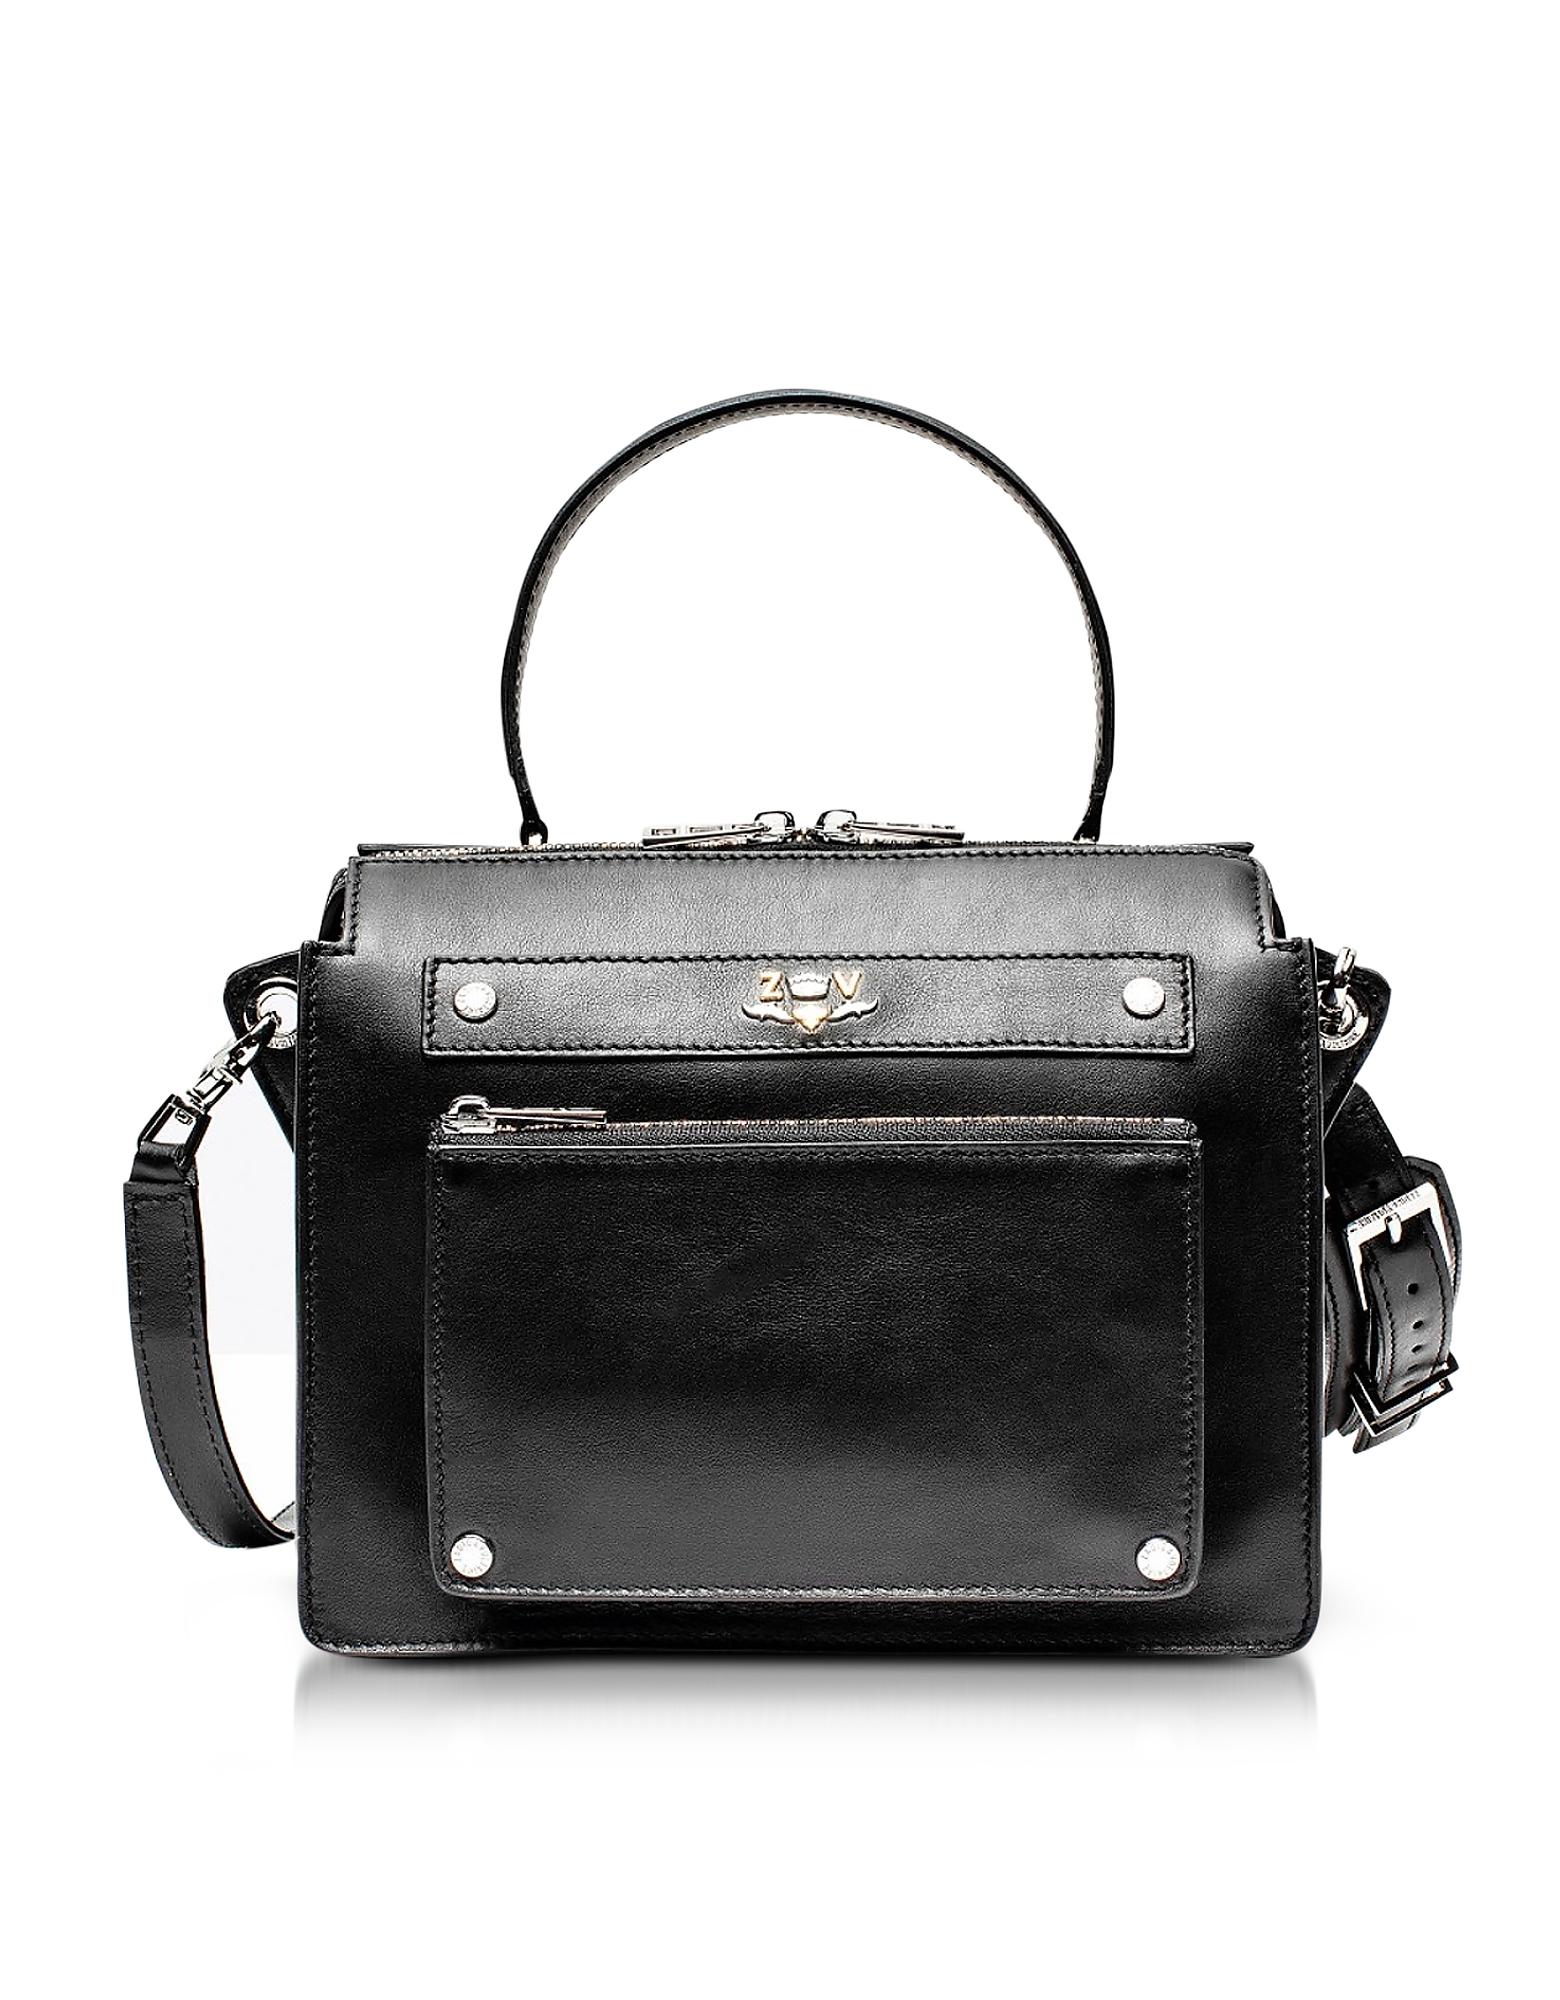 Zadig & Voltaire Handbags, James Black Leather Shoulder Bag